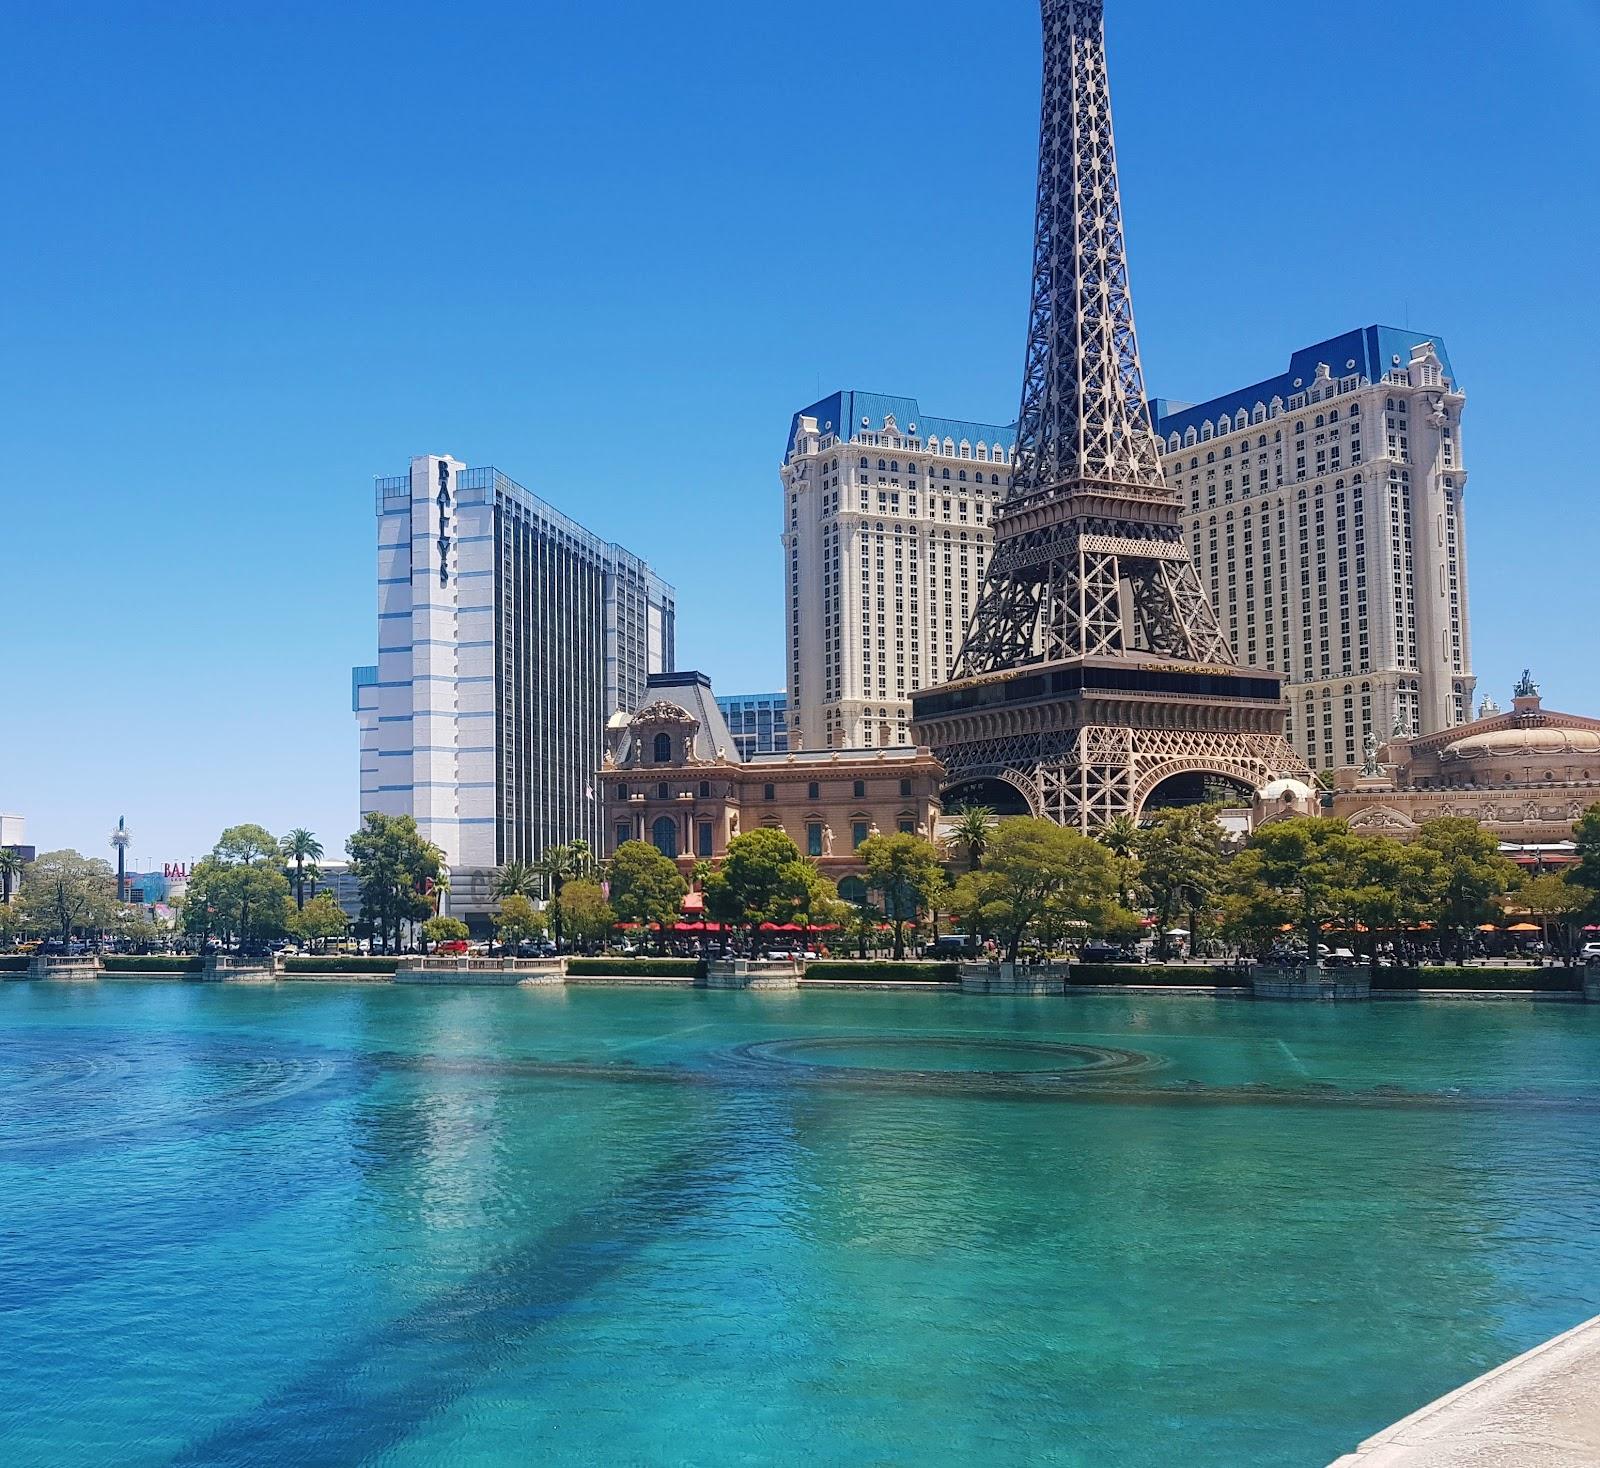 מלון בלאגיו לאס וגאס מה הכי שווה לעשות לראות לאכול המלצות לעיר החטאים ארצות הברית אמריקה